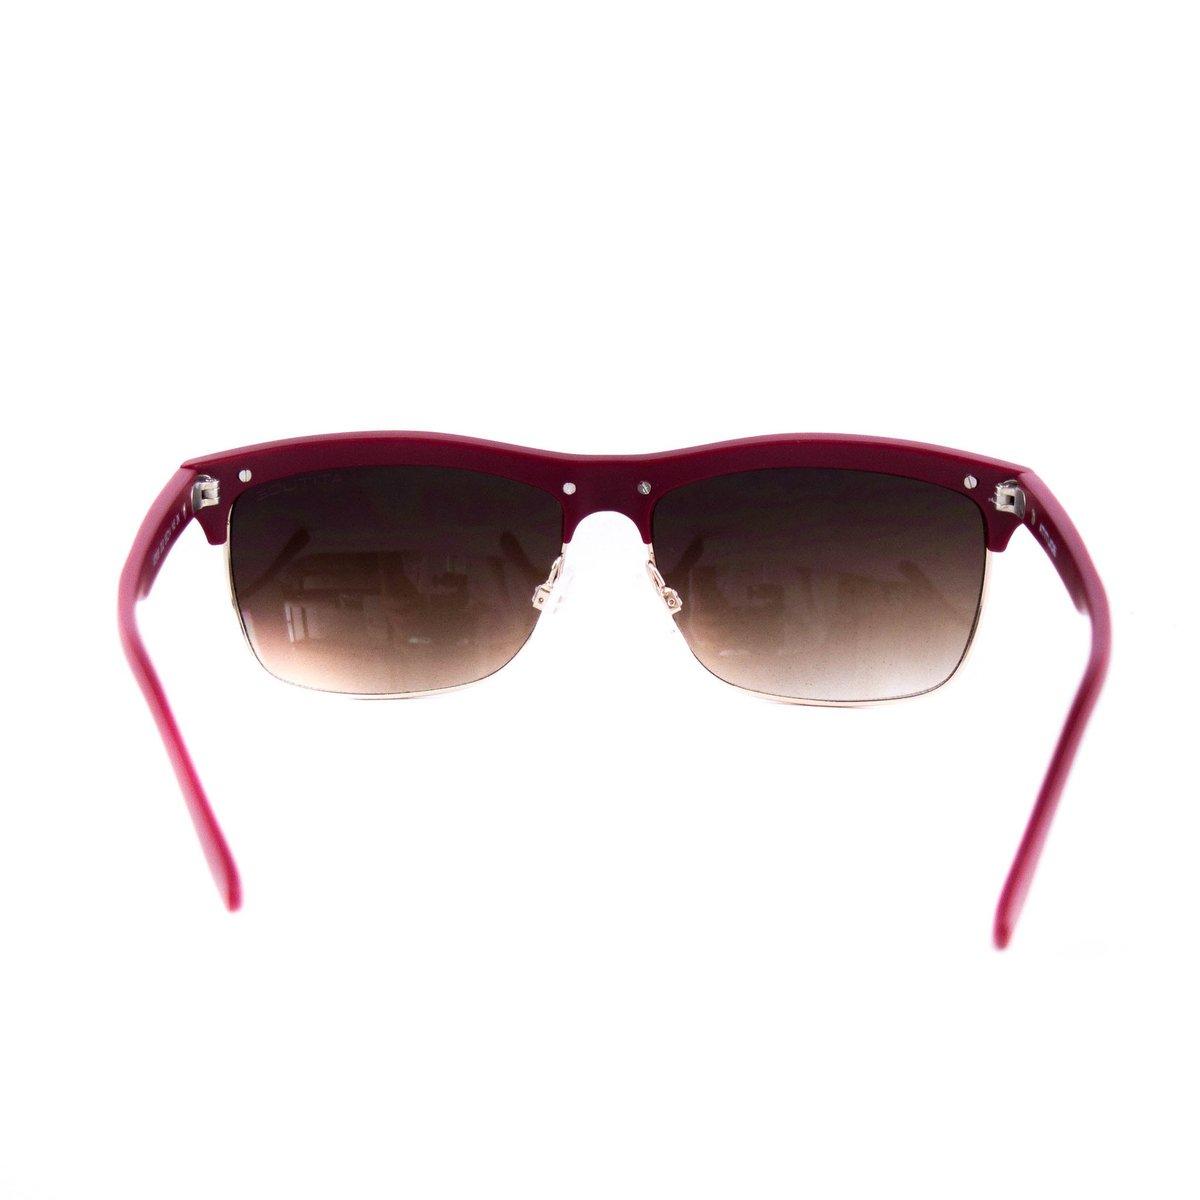 ece93b487a62e Óculos Atitude De Sol - Compre Agora